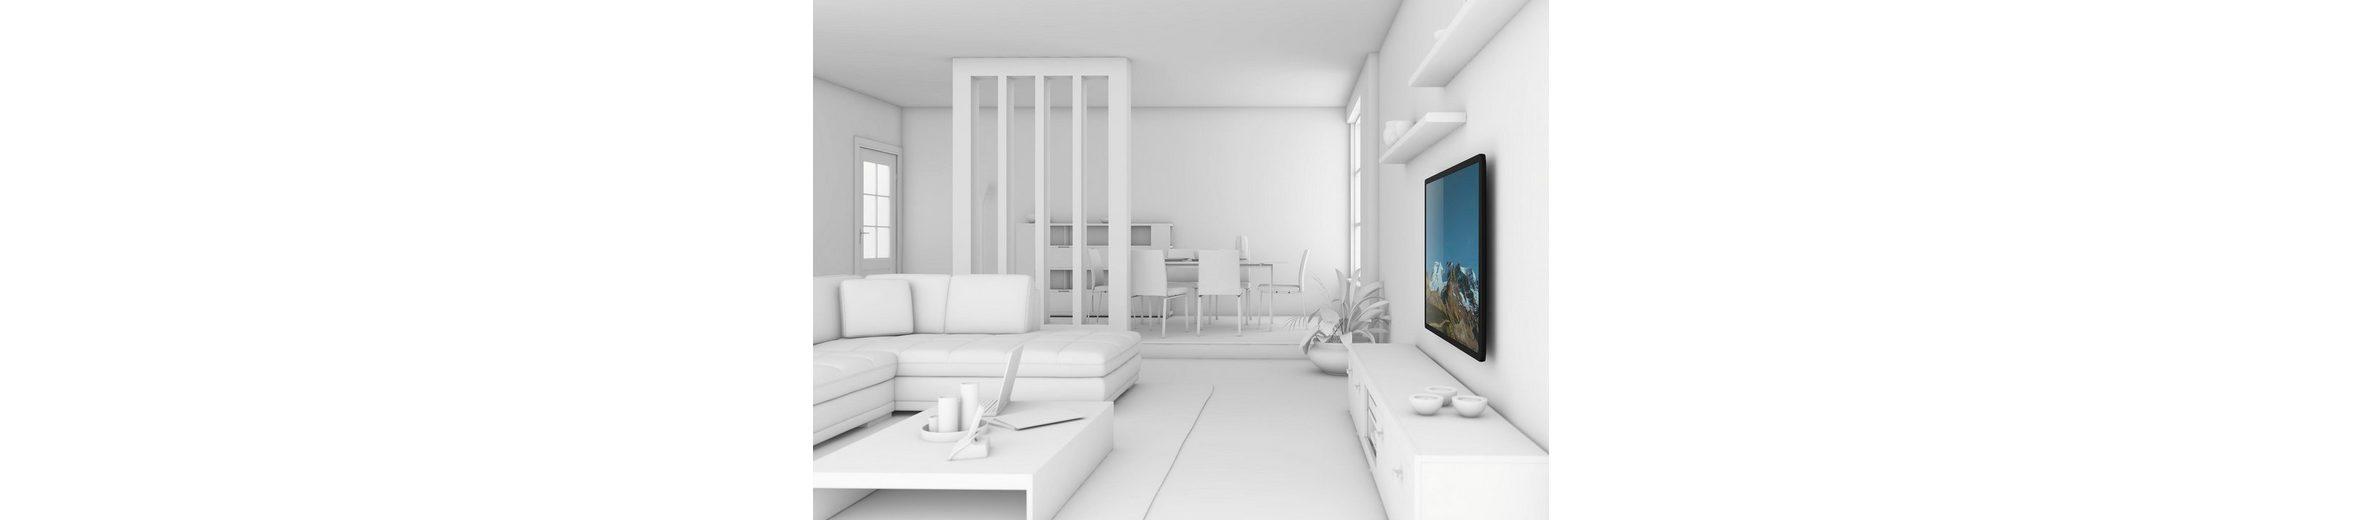 vogel's® TV-Wandhalterung »WALL 2205« starr, für 81-140 cm (32-55 Zoll) Fernseher, VESA 400x400